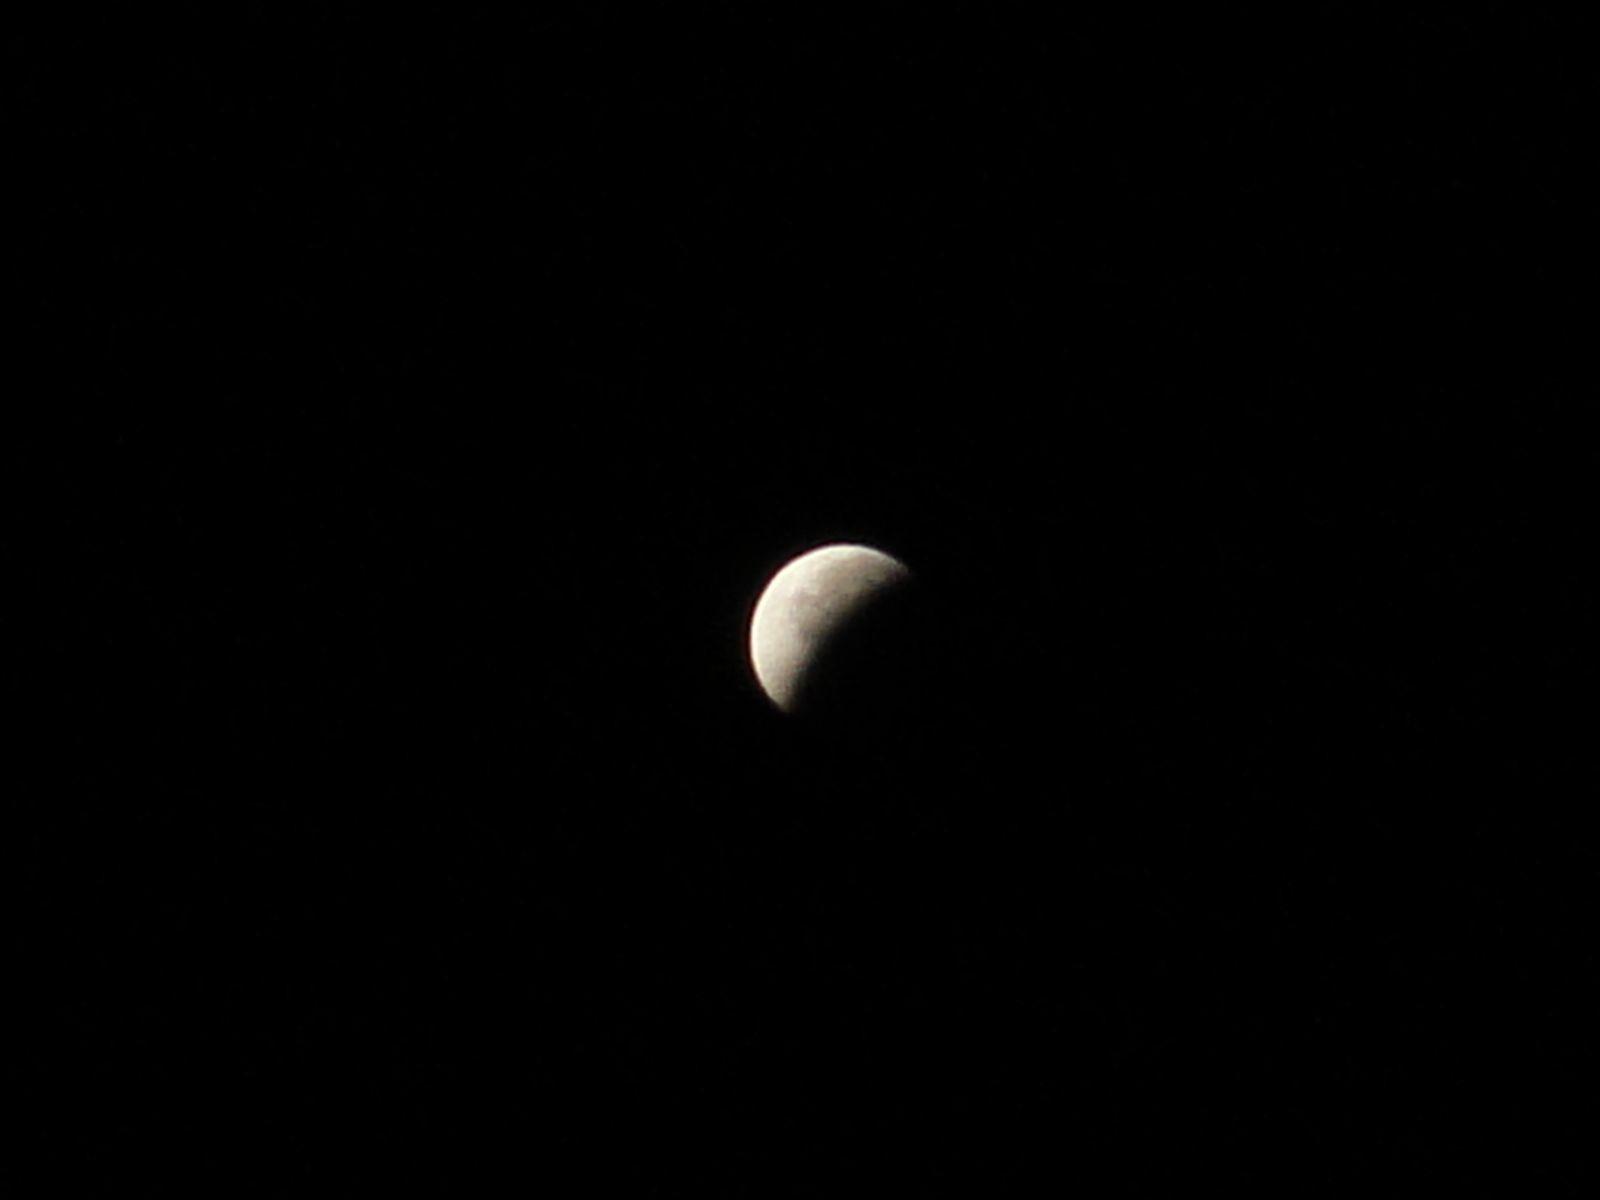 lunar_eclipse_173.jpg